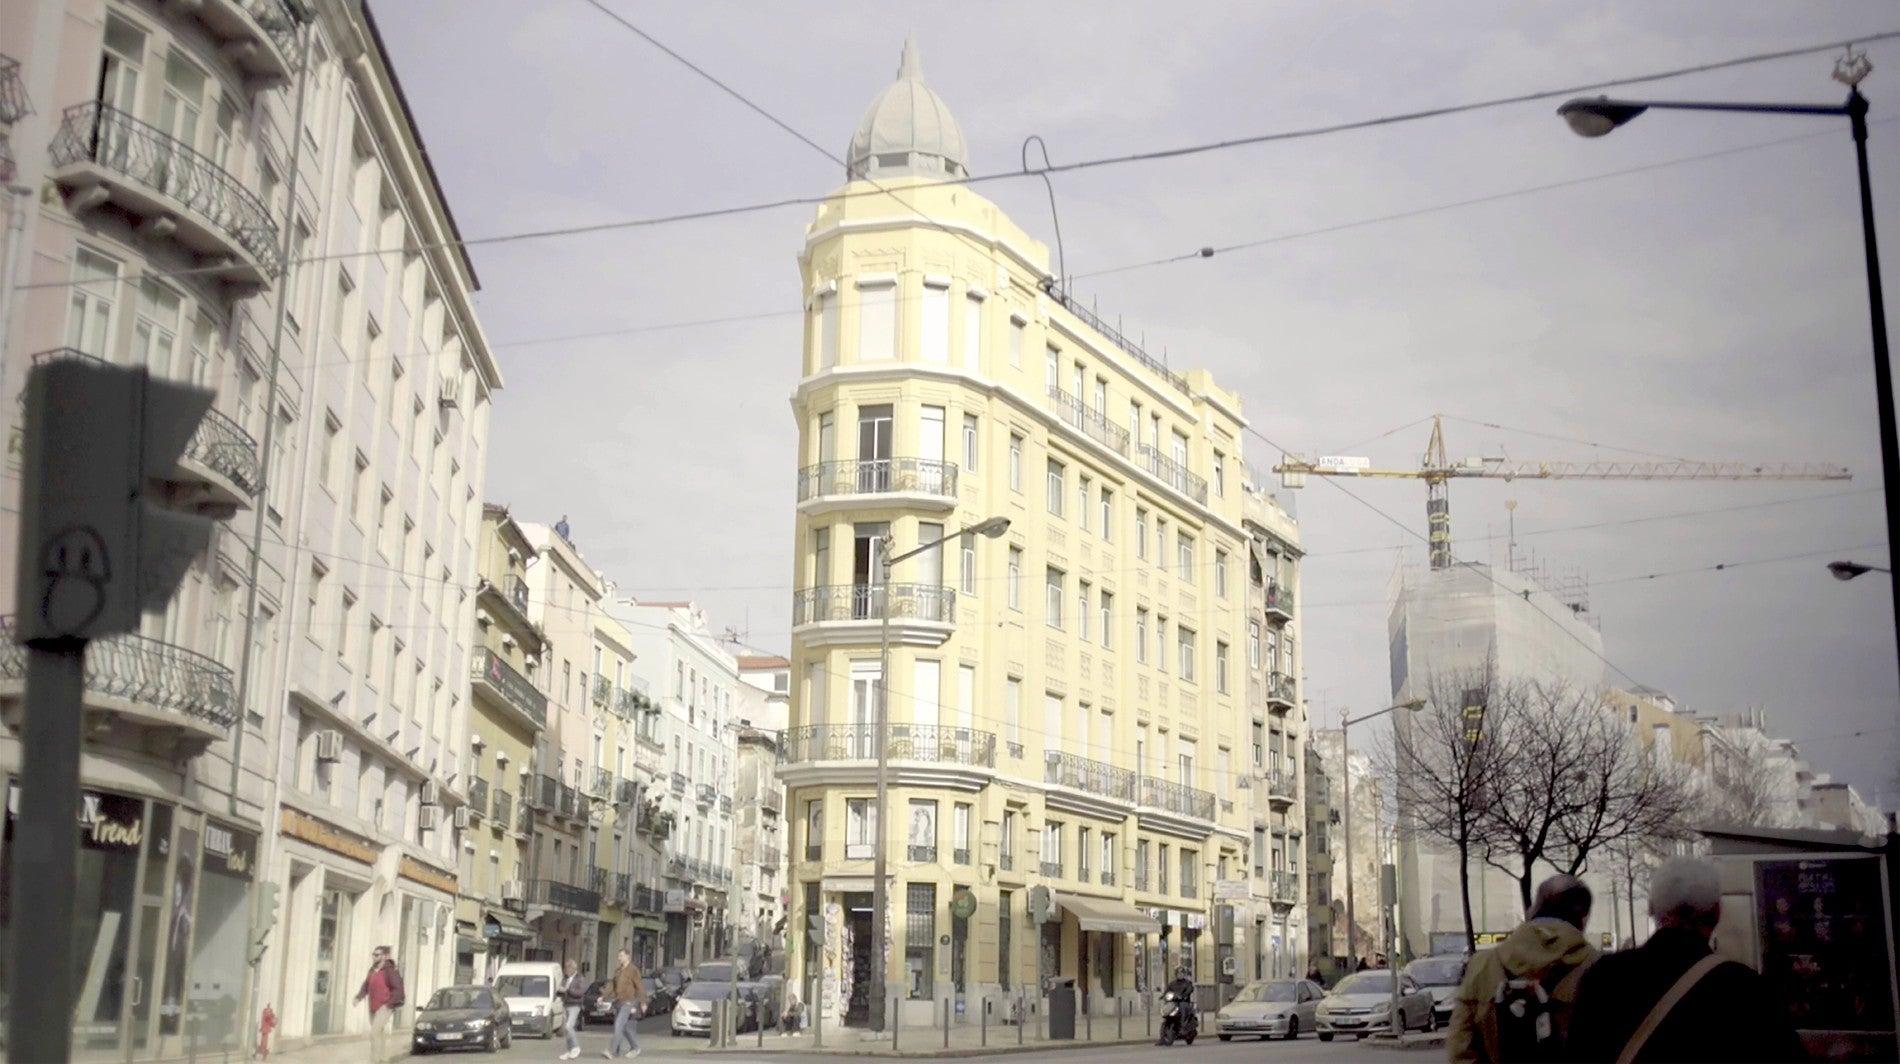 Avenida Almirante Reis em Três Andamentos